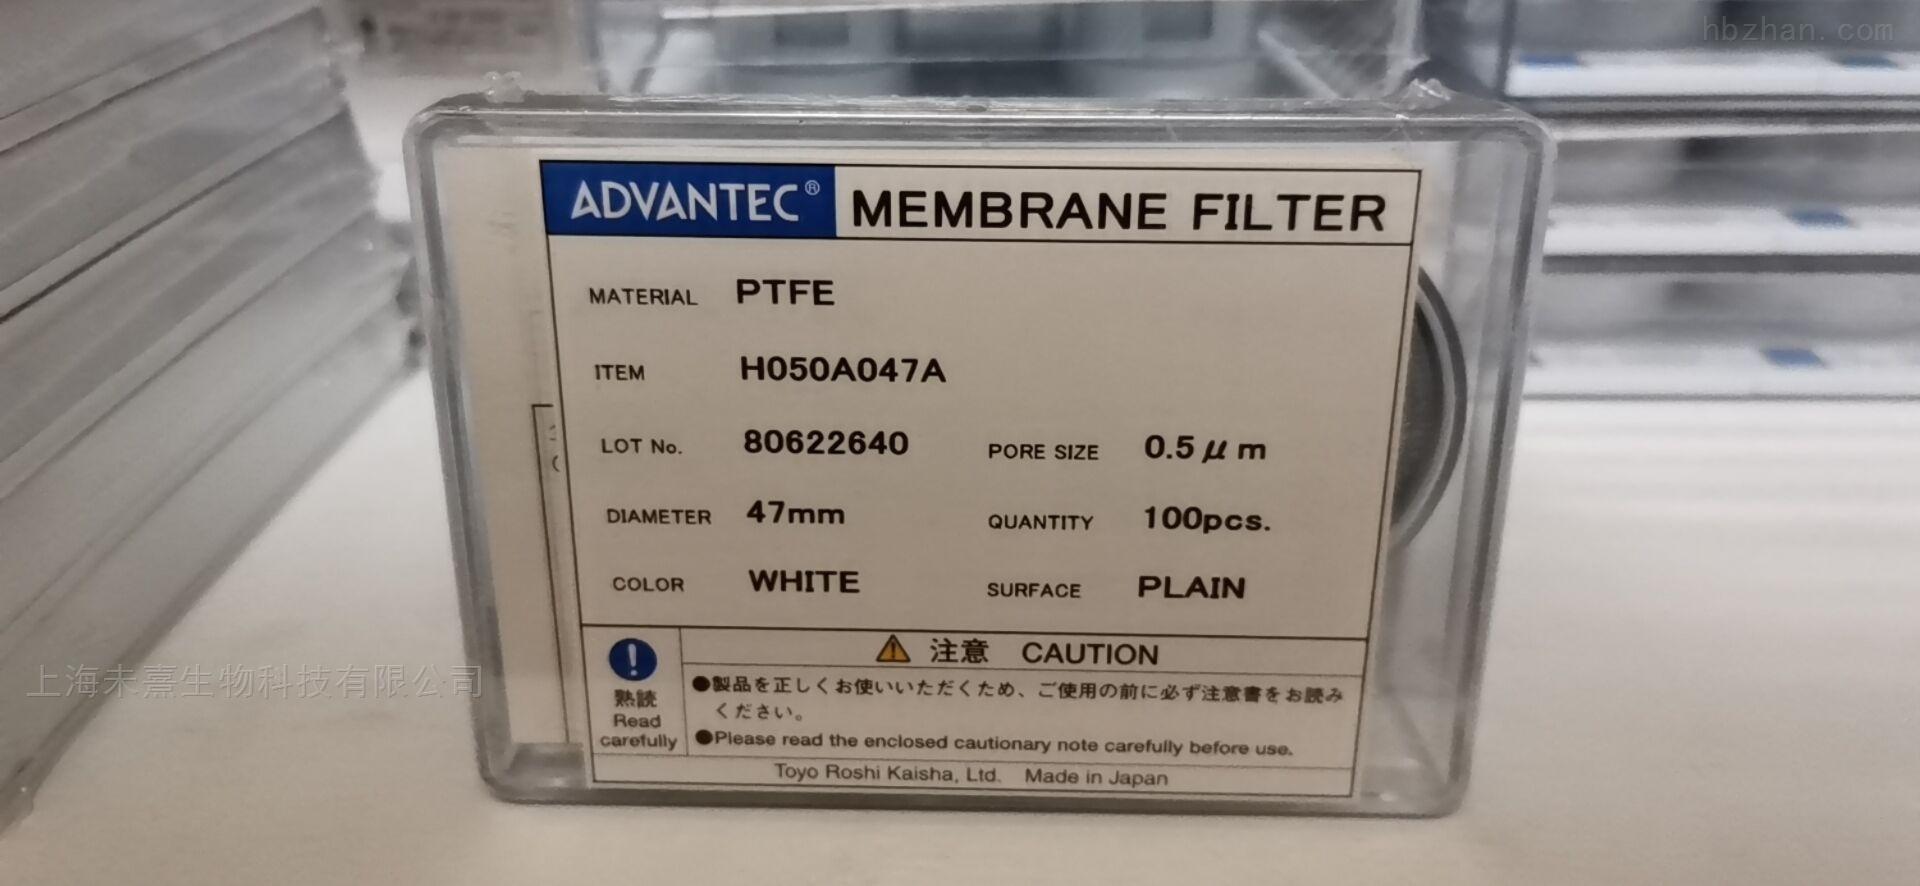 ADVANTEC亲水性聚四氟乙烯滤膜孔径0.5um